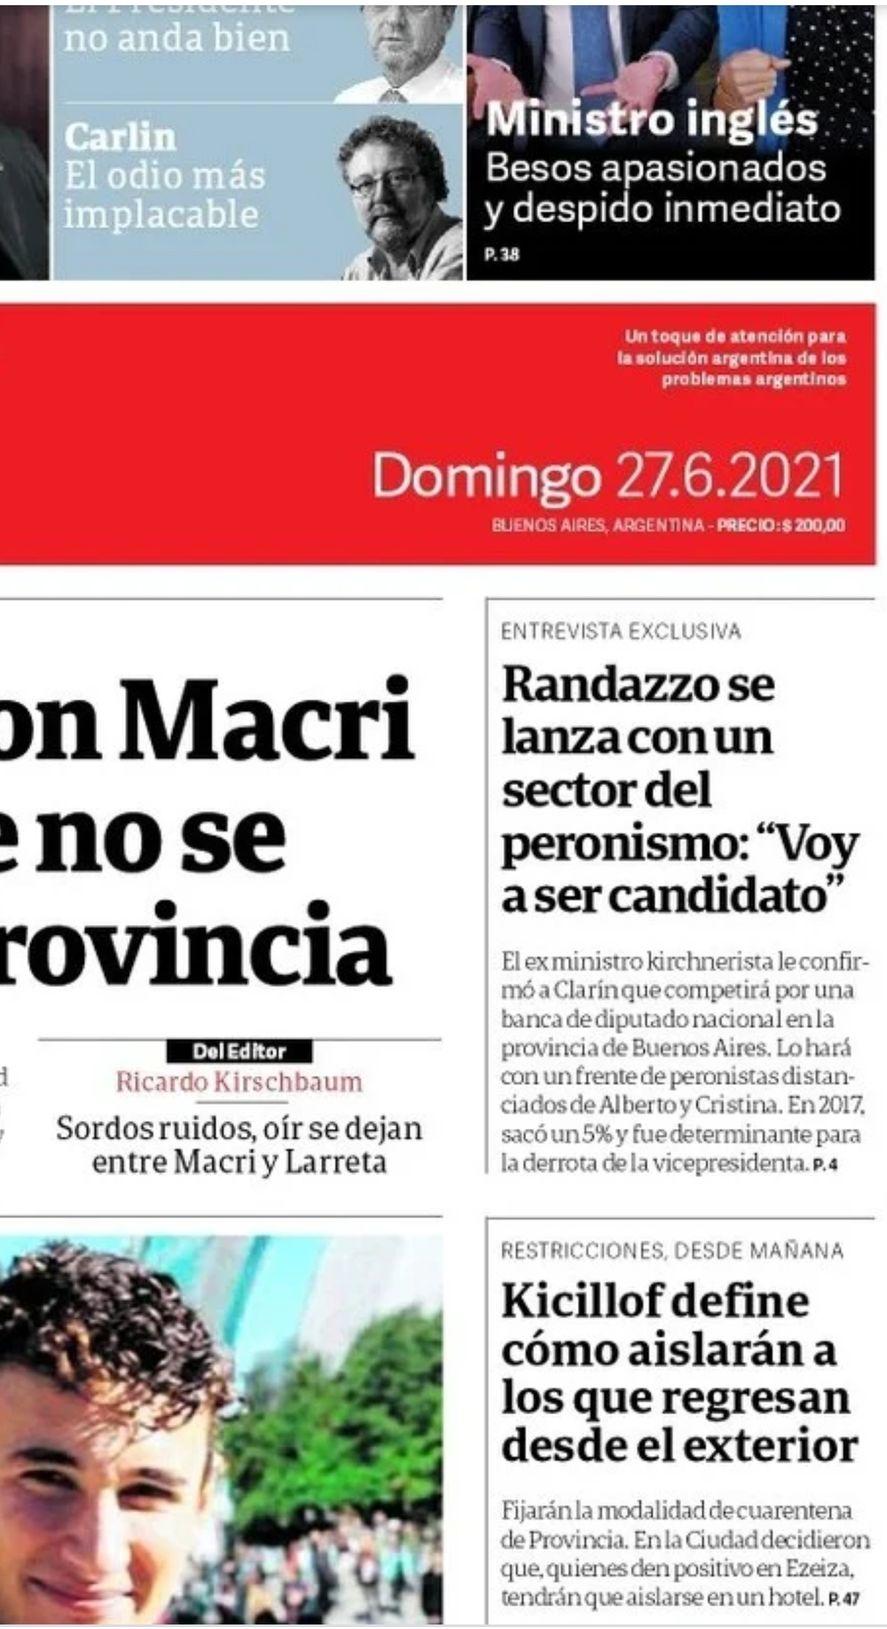 La tapa de Clarín de hoy refleja la candidatura a diputado nacional de Florencio Randazzo